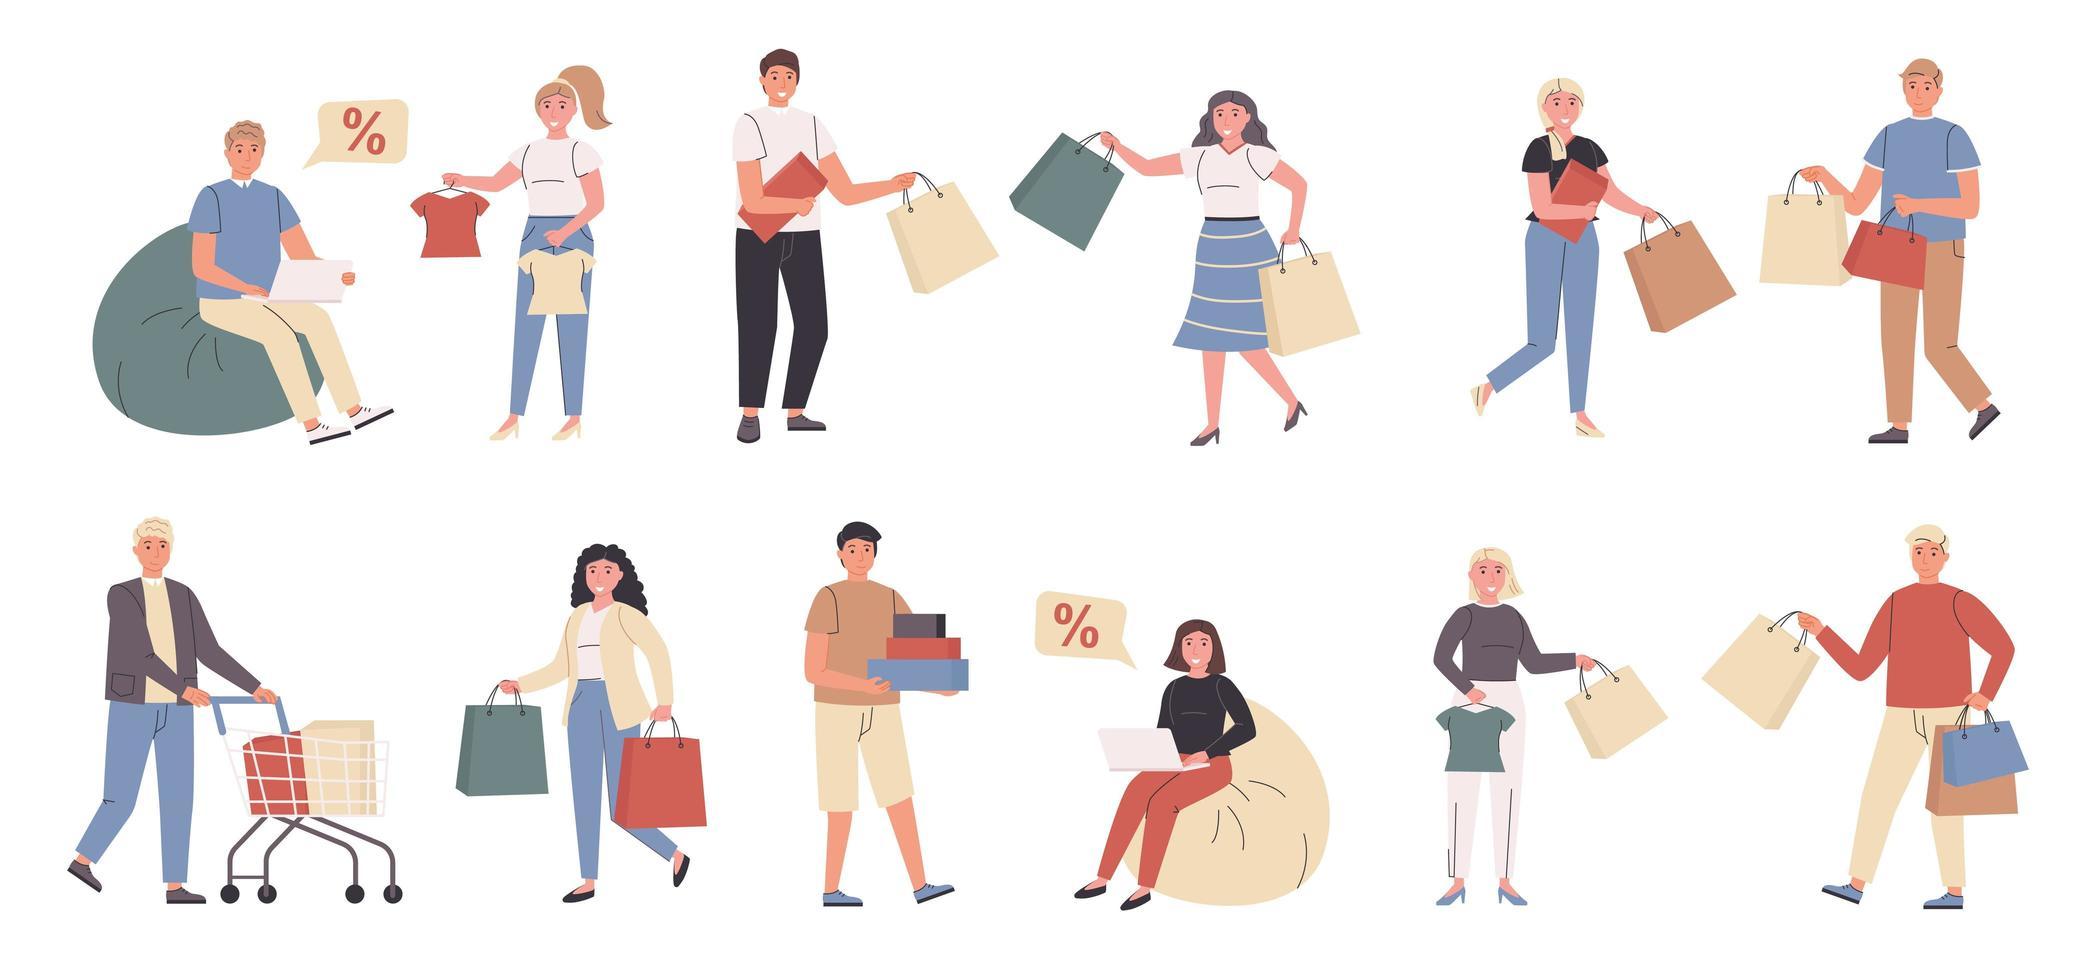 acheteurs, clients masculins et féminins jeu de caractères plat vecteur